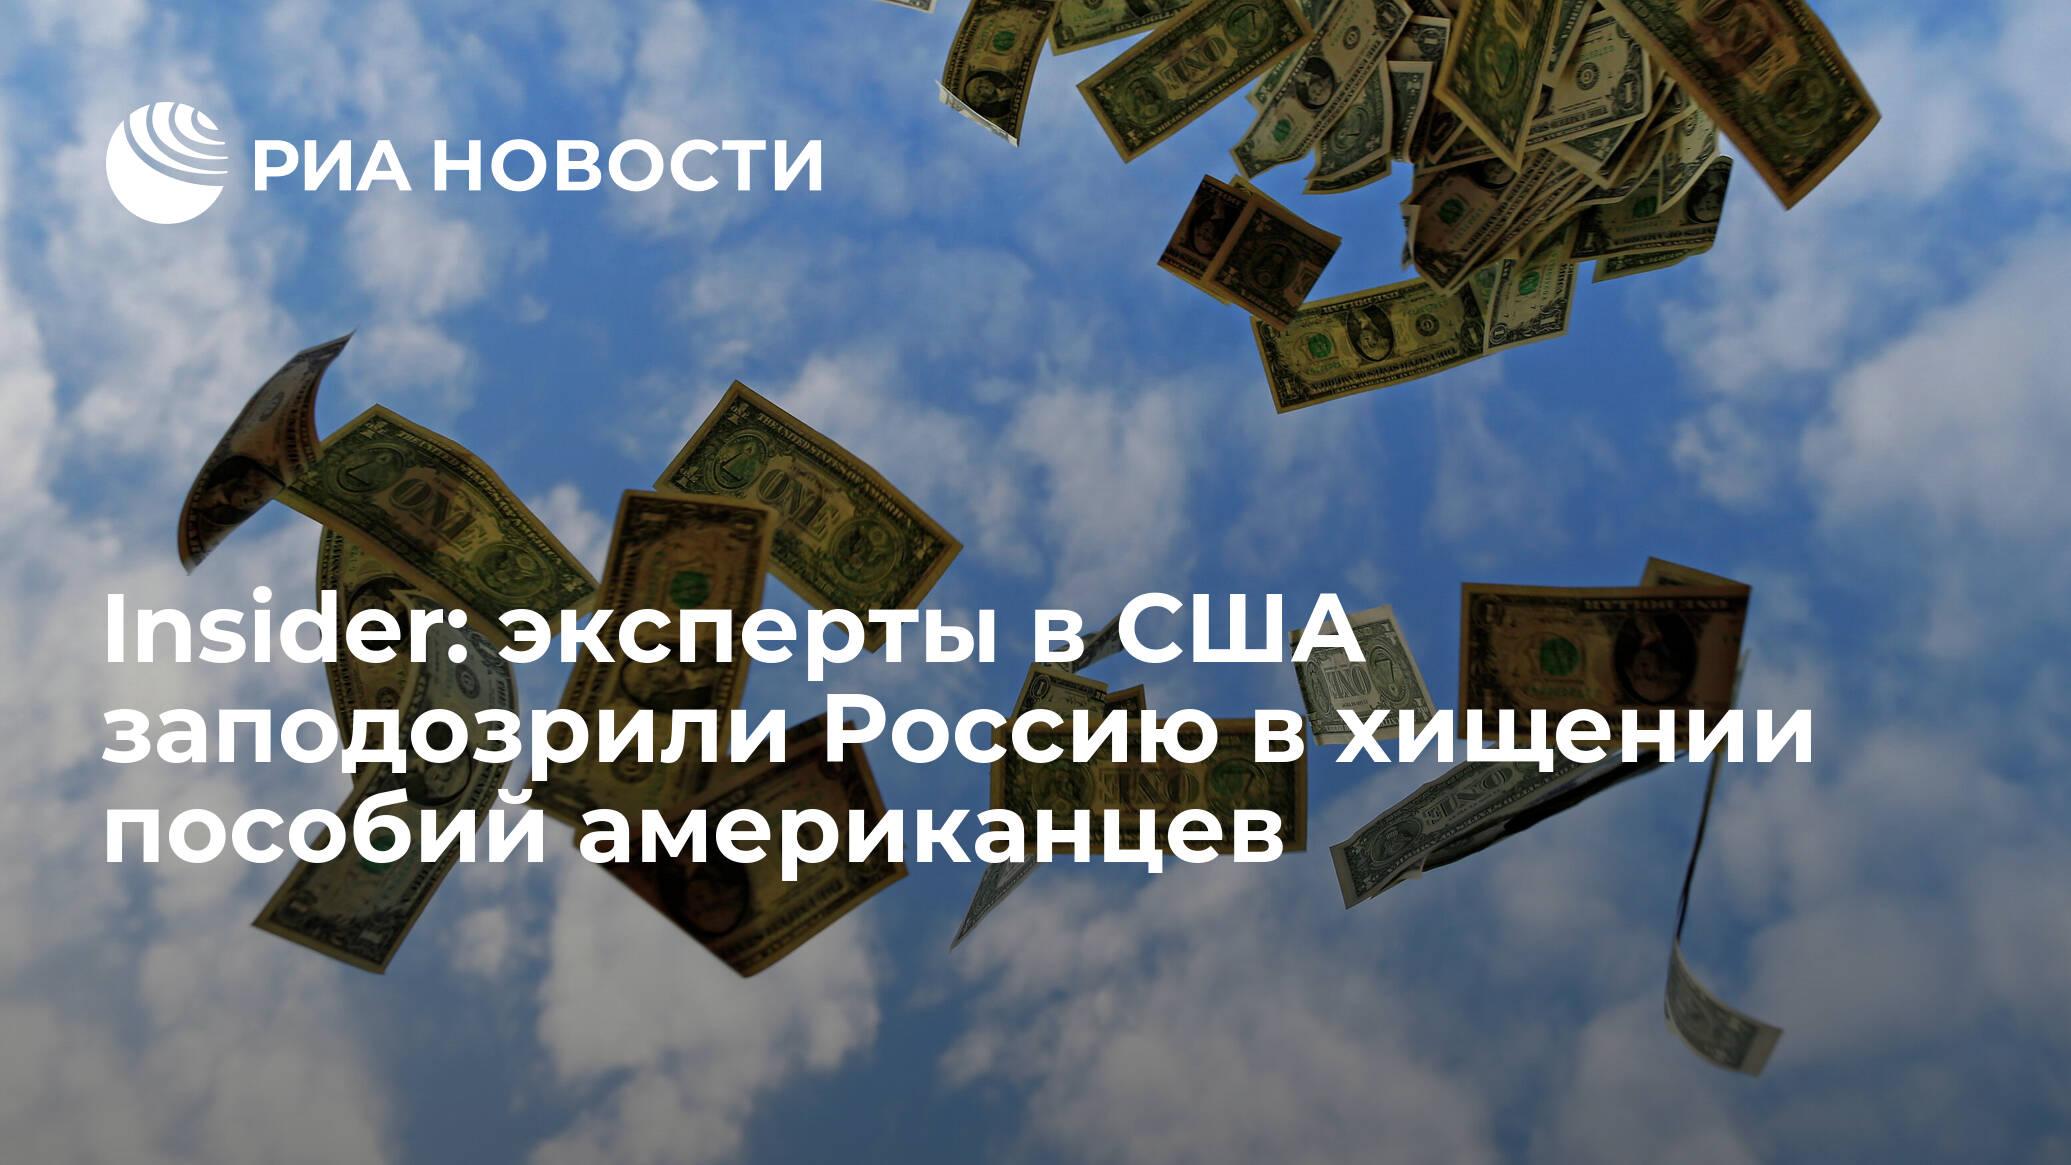 Insider: в США заподозрили Россию в причастности к хищению пособий американцев